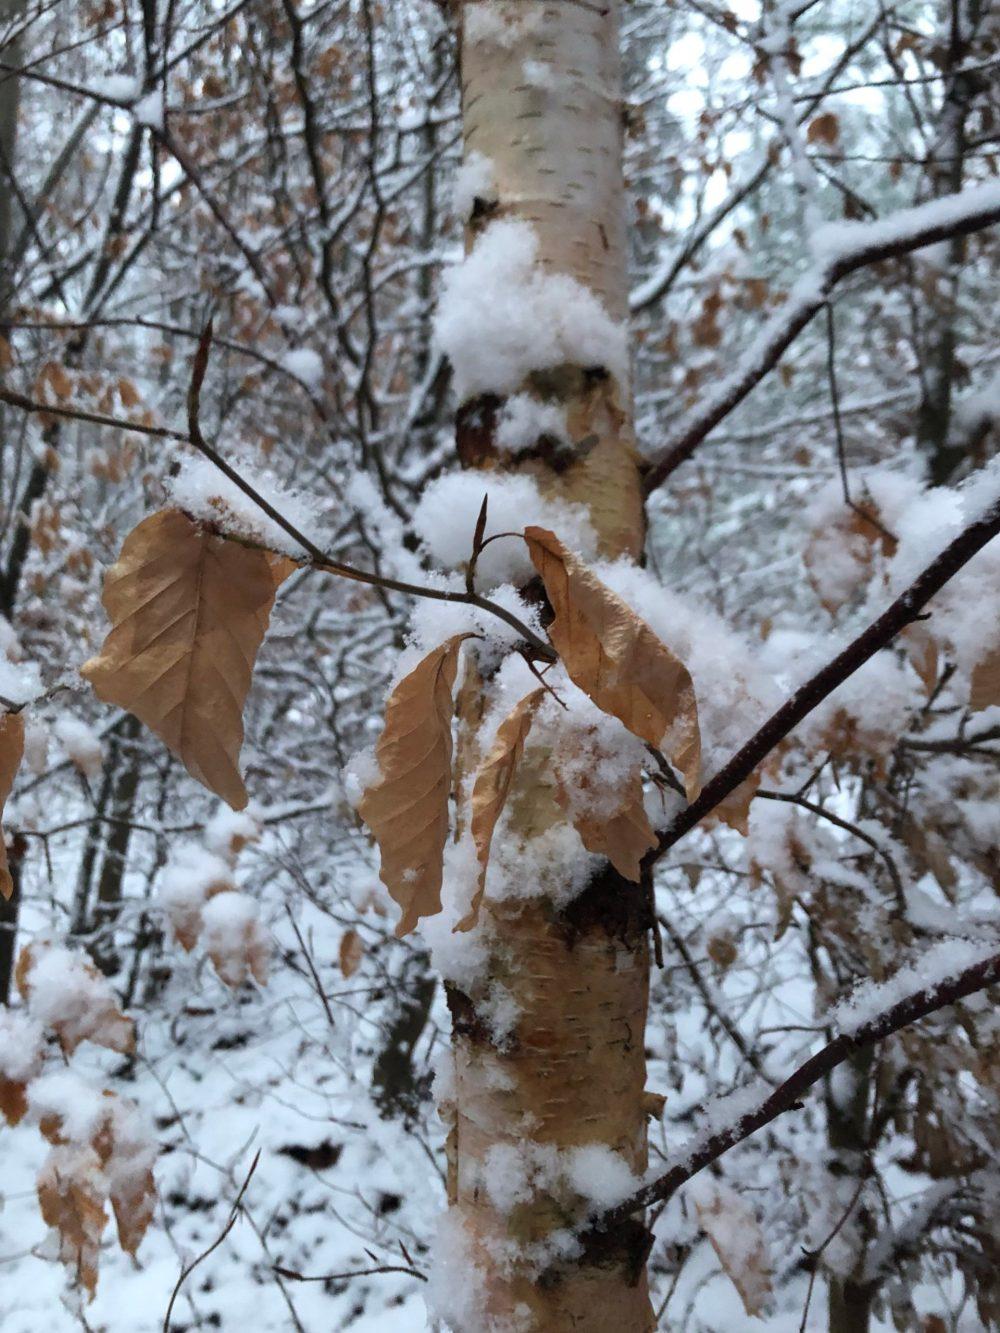 Blätter und Äste eines Baumes mit Schnee bedeckt